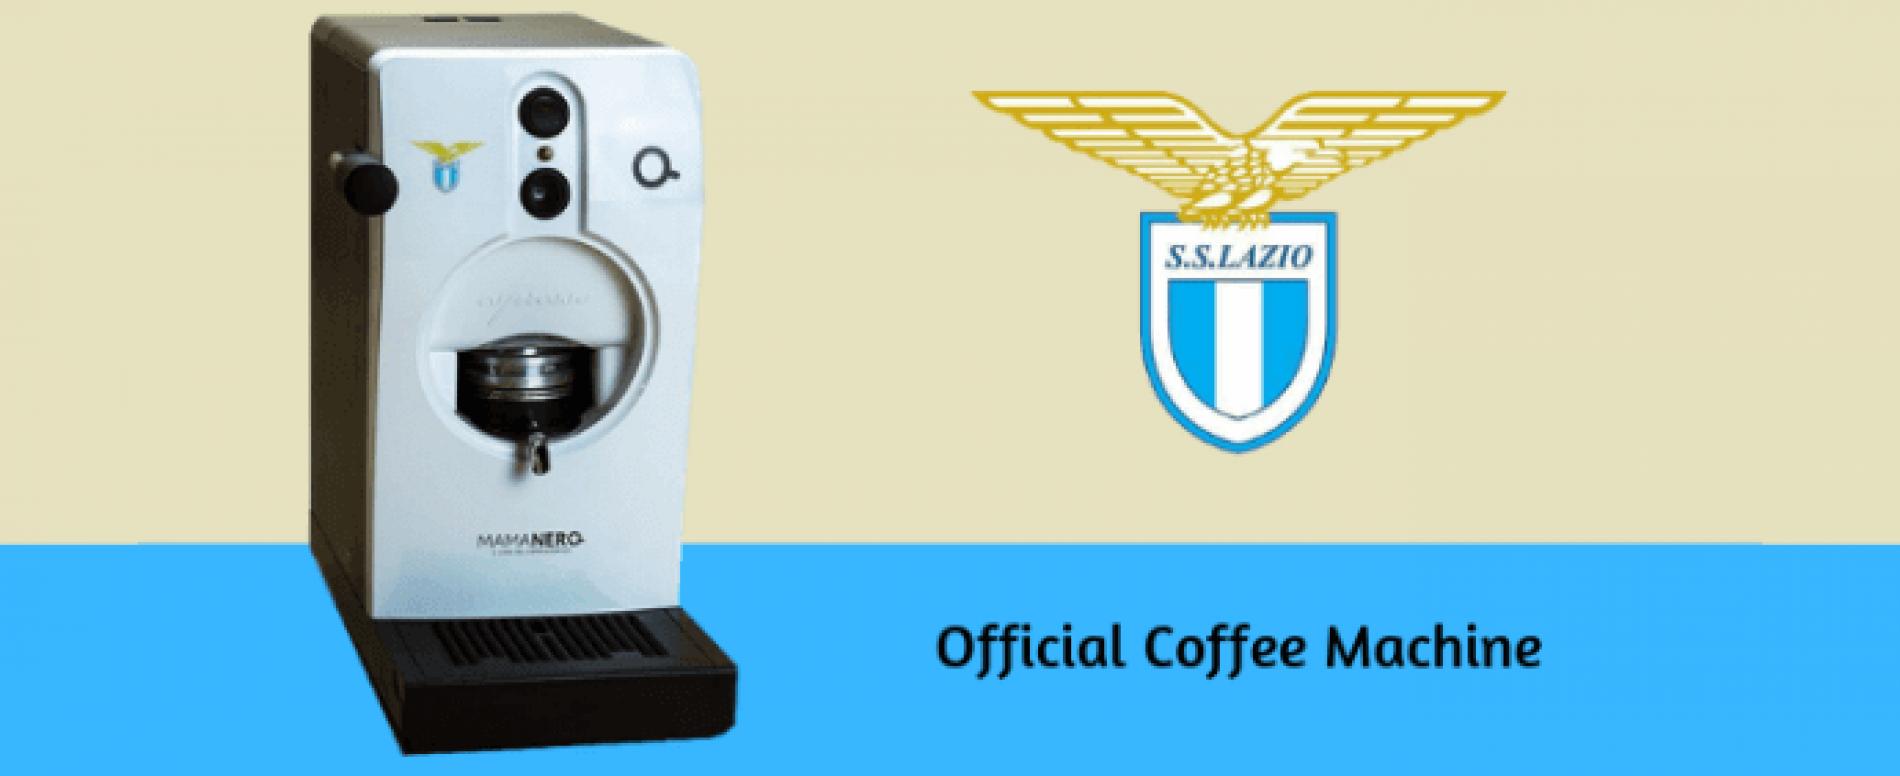 """È la Tube di Qualità Italia la """"official coffee machine"""" della Lazio"""